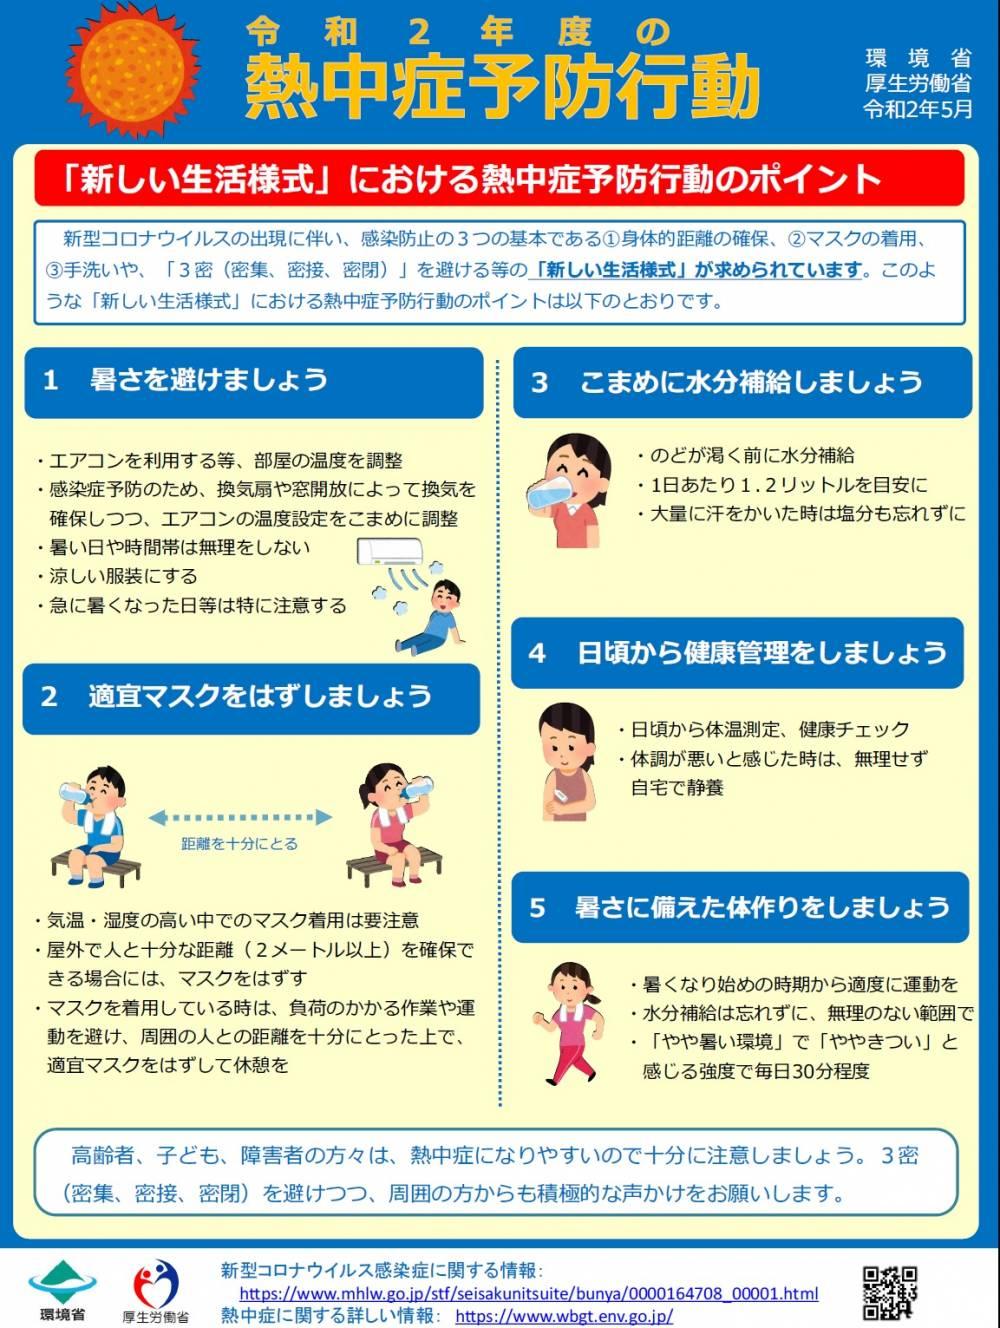 令和2年度の熱中症予防行動